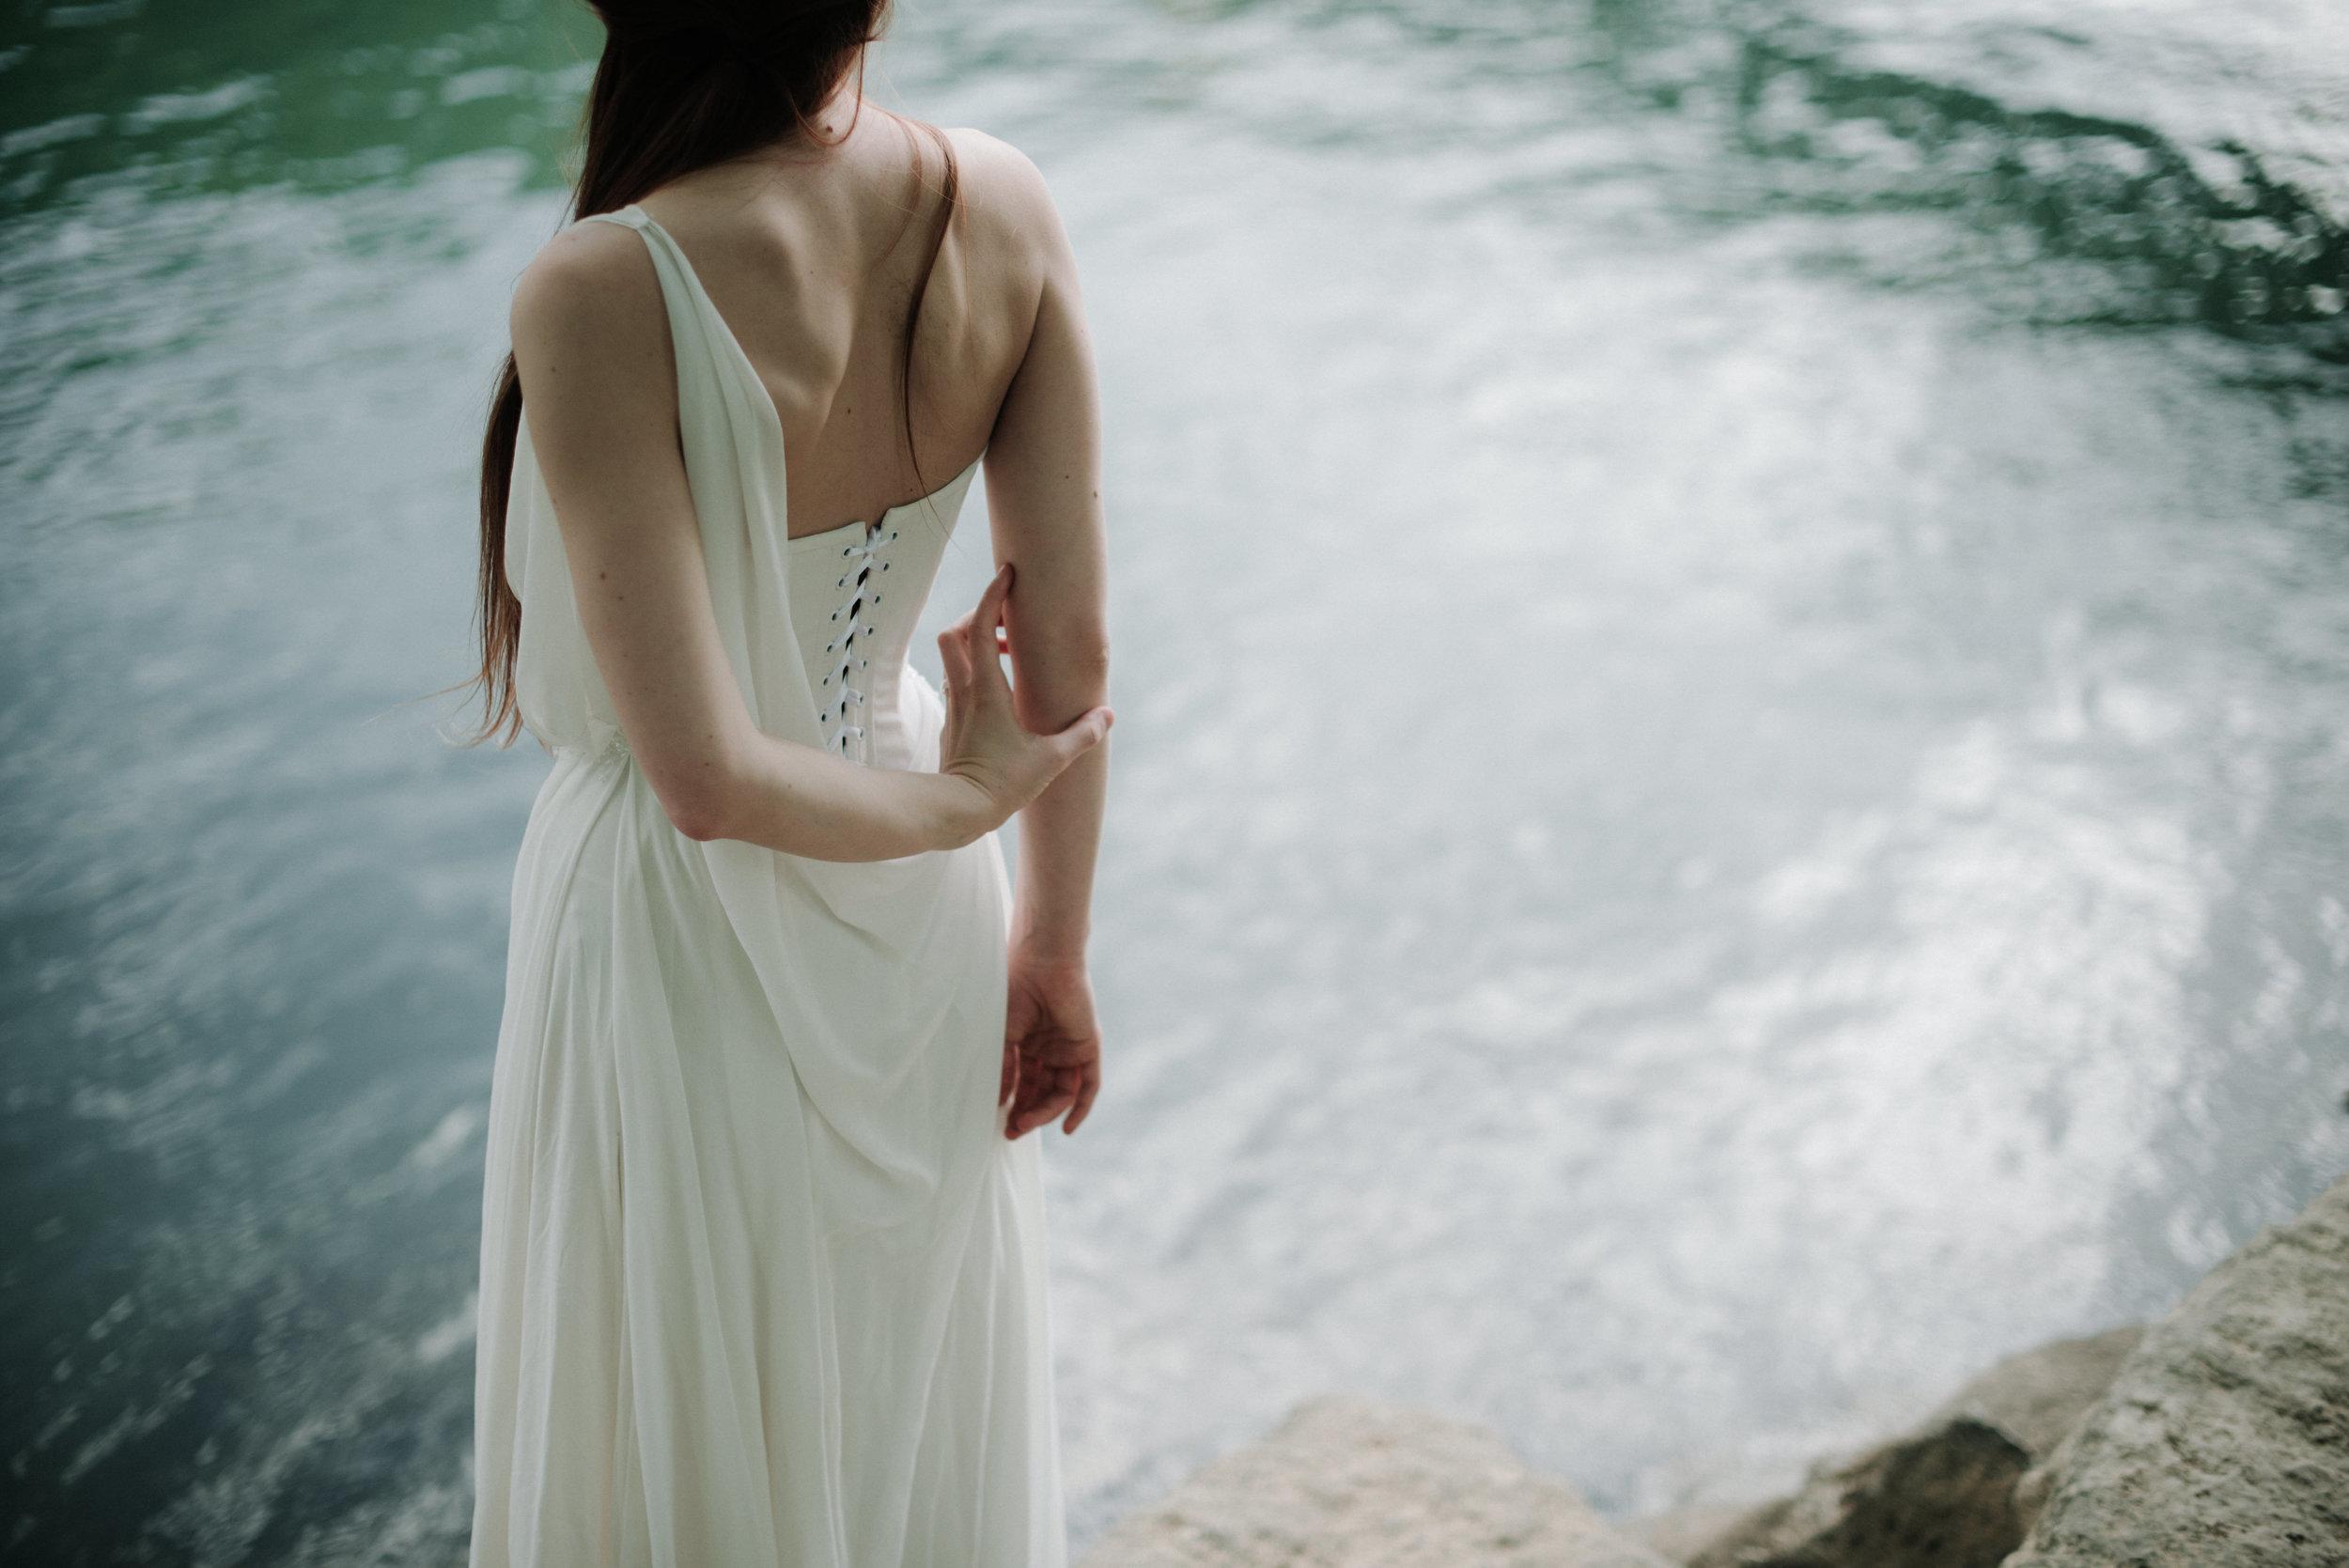 Léa-Fery-photographe-professionnel-lyon-rhone-alpes-portrait-creation-mariage-evenement-evenementiel-famille-8535.jpg